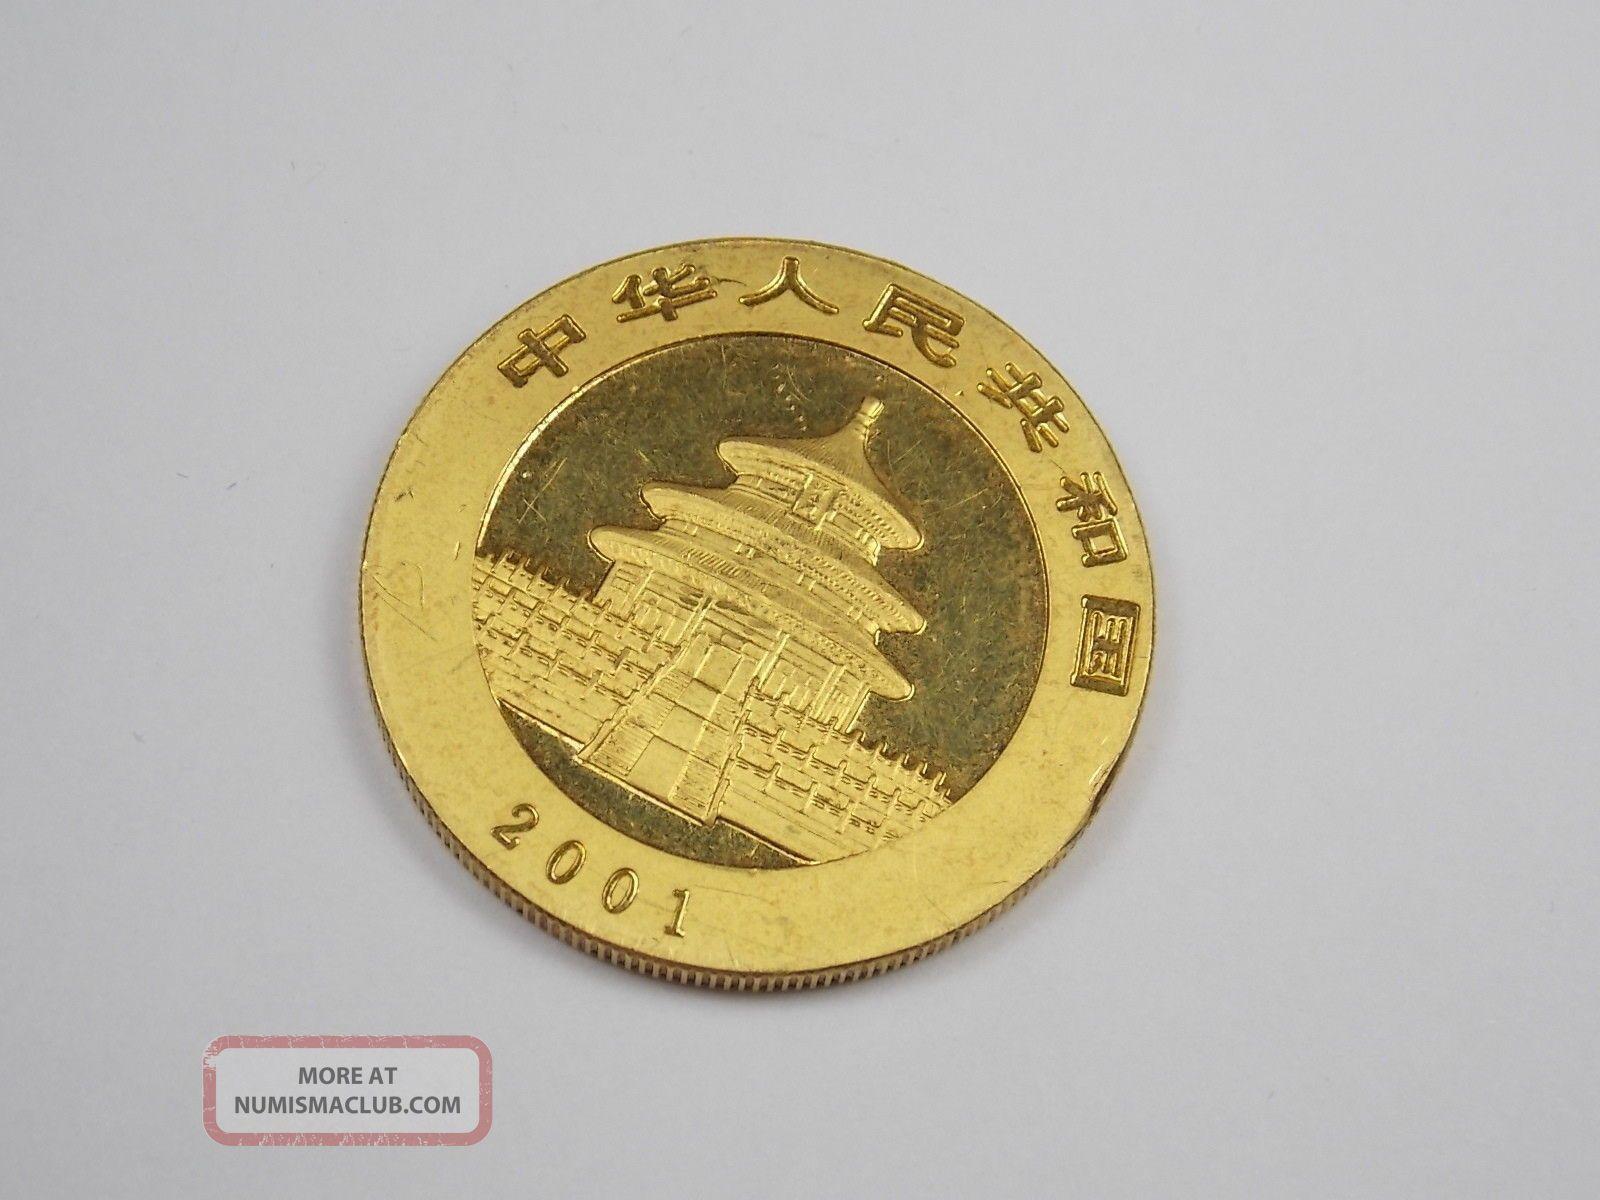 2001 1oz 999 Gold 24k Chinese Panda Bullion Coin